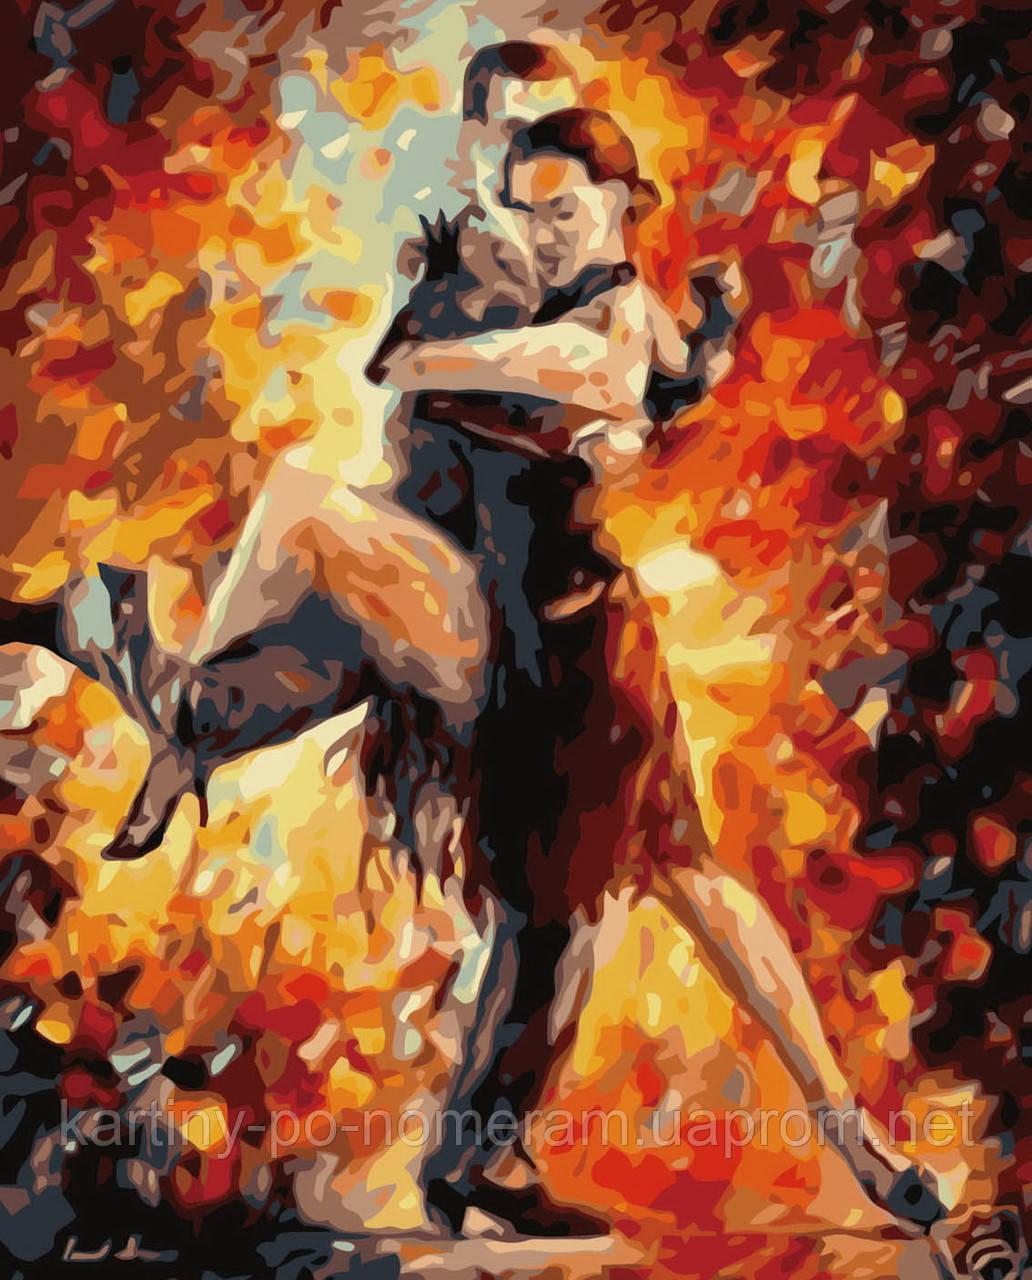 Картина по номерам на холсте без коробки BK-GX6384 Полуночное танго (40 х 50 см) Без коробки